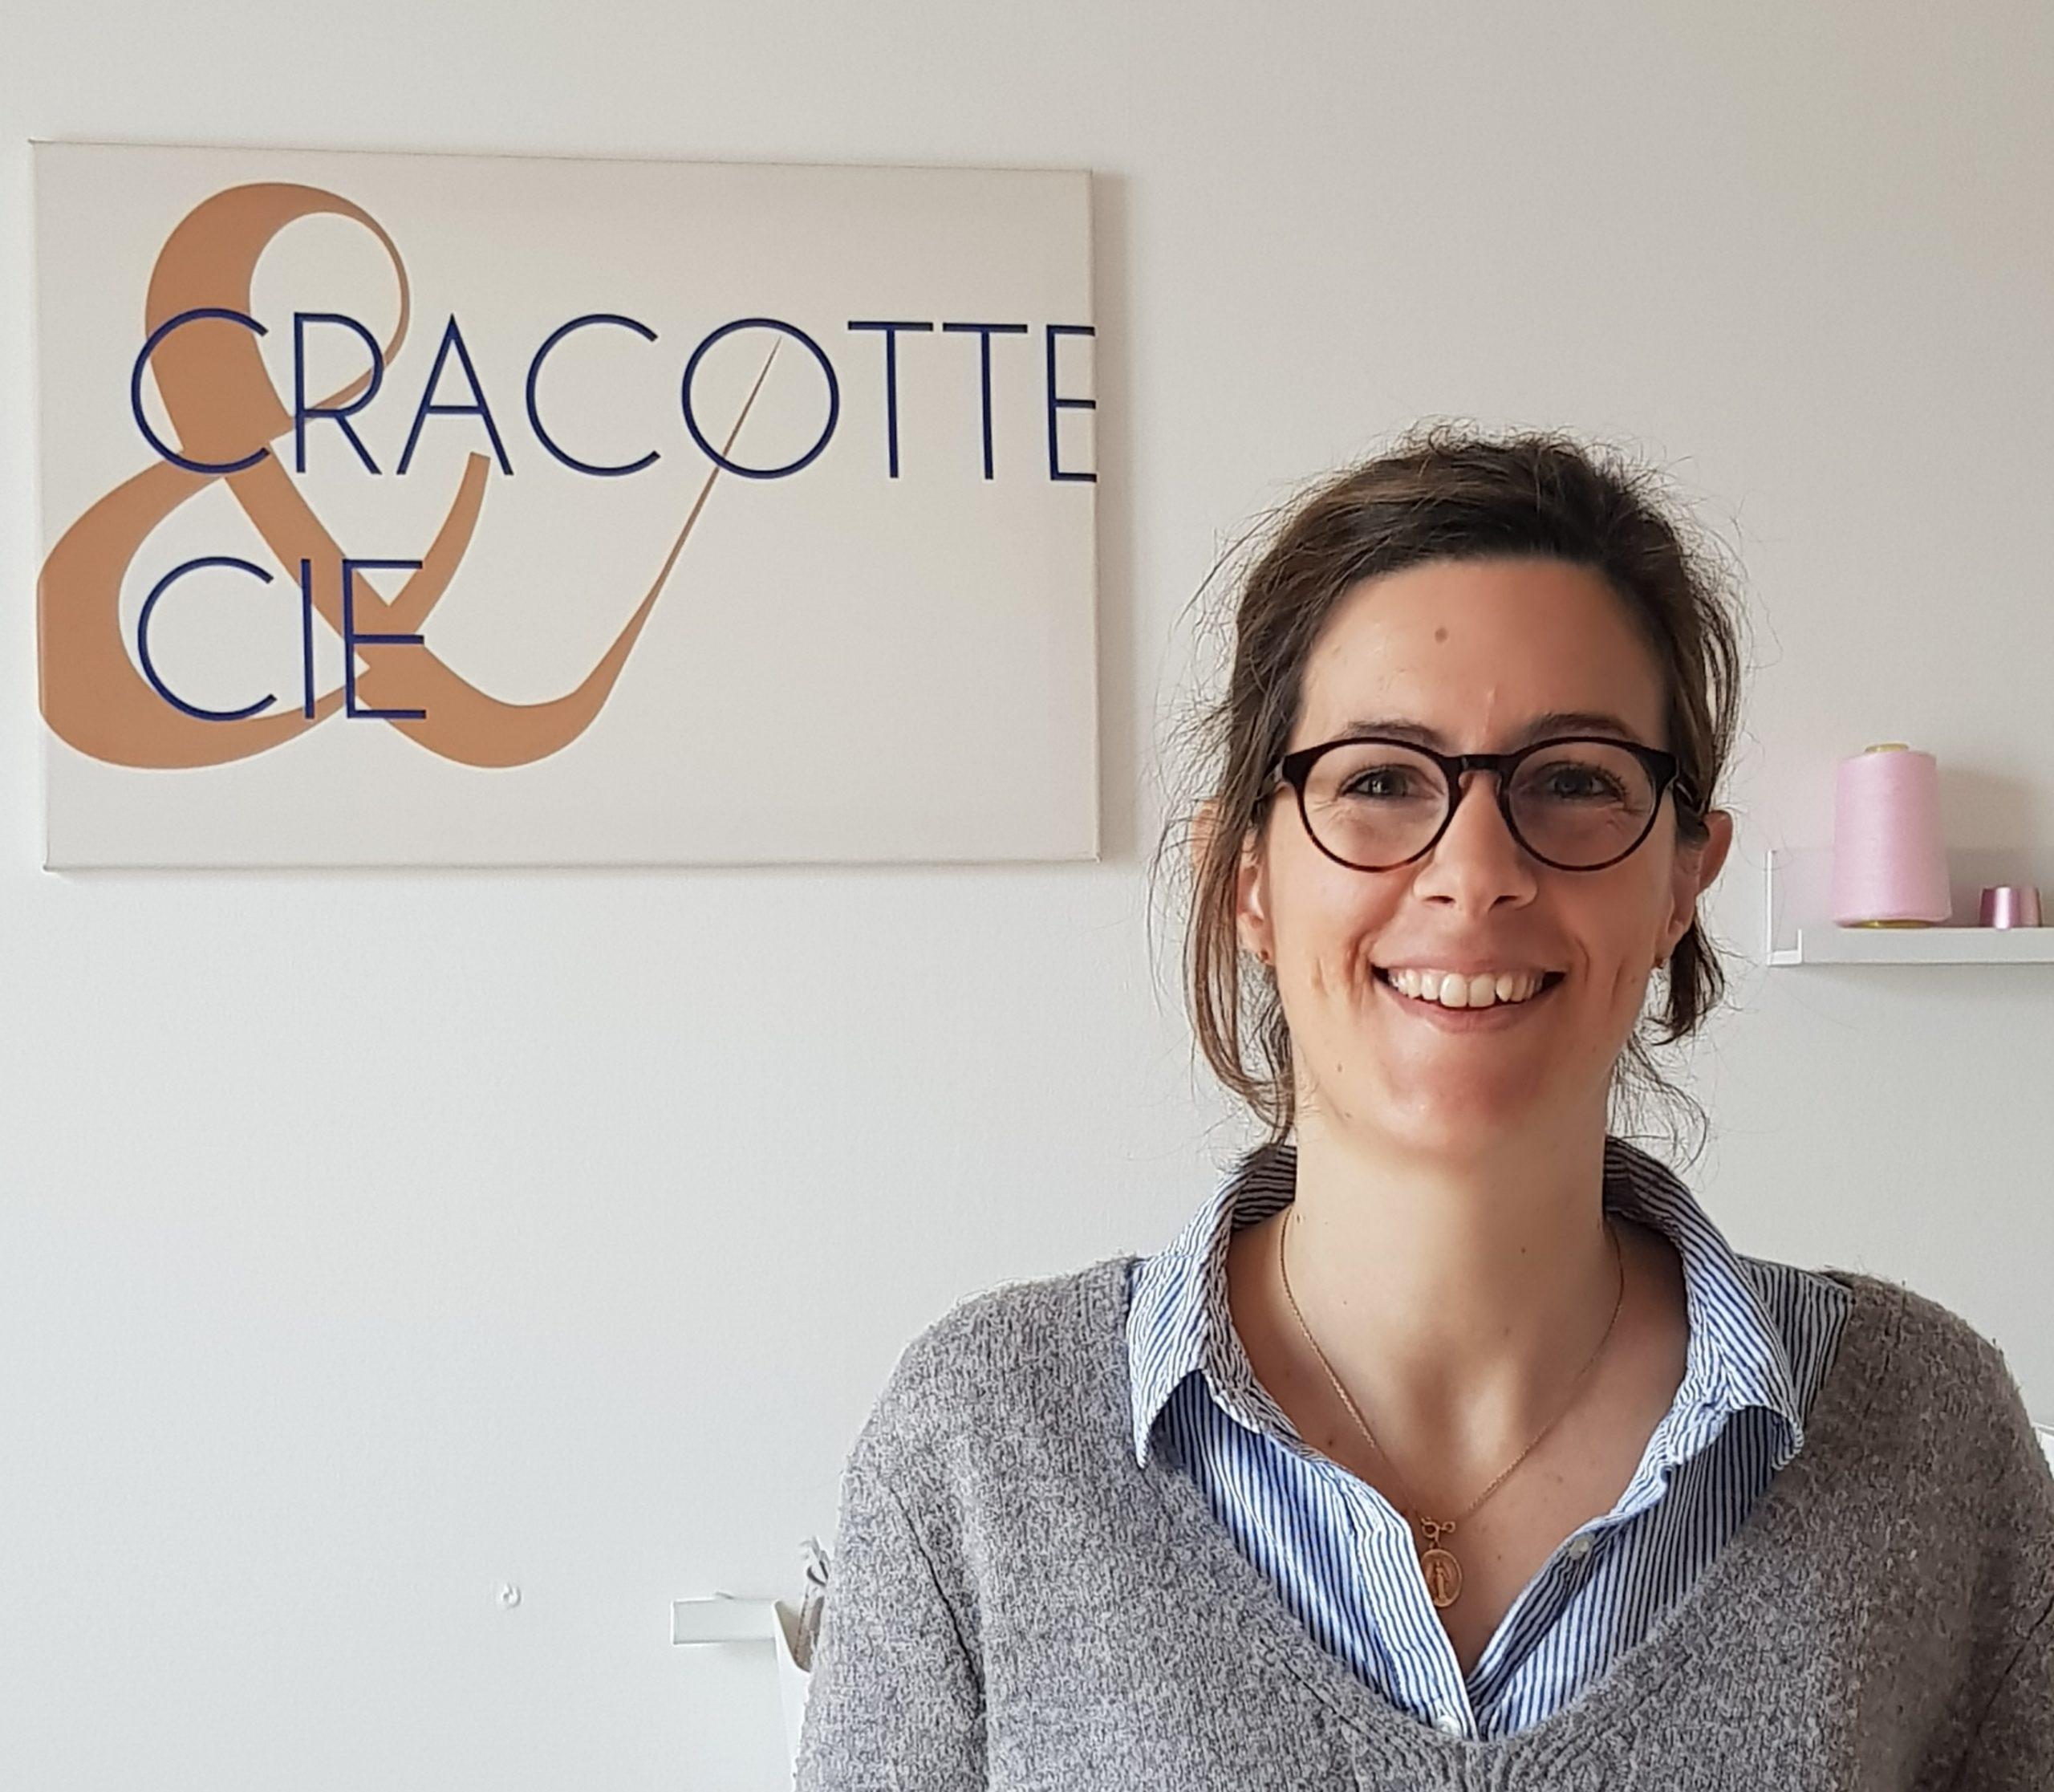 Atelier Cracotte et cie Angers